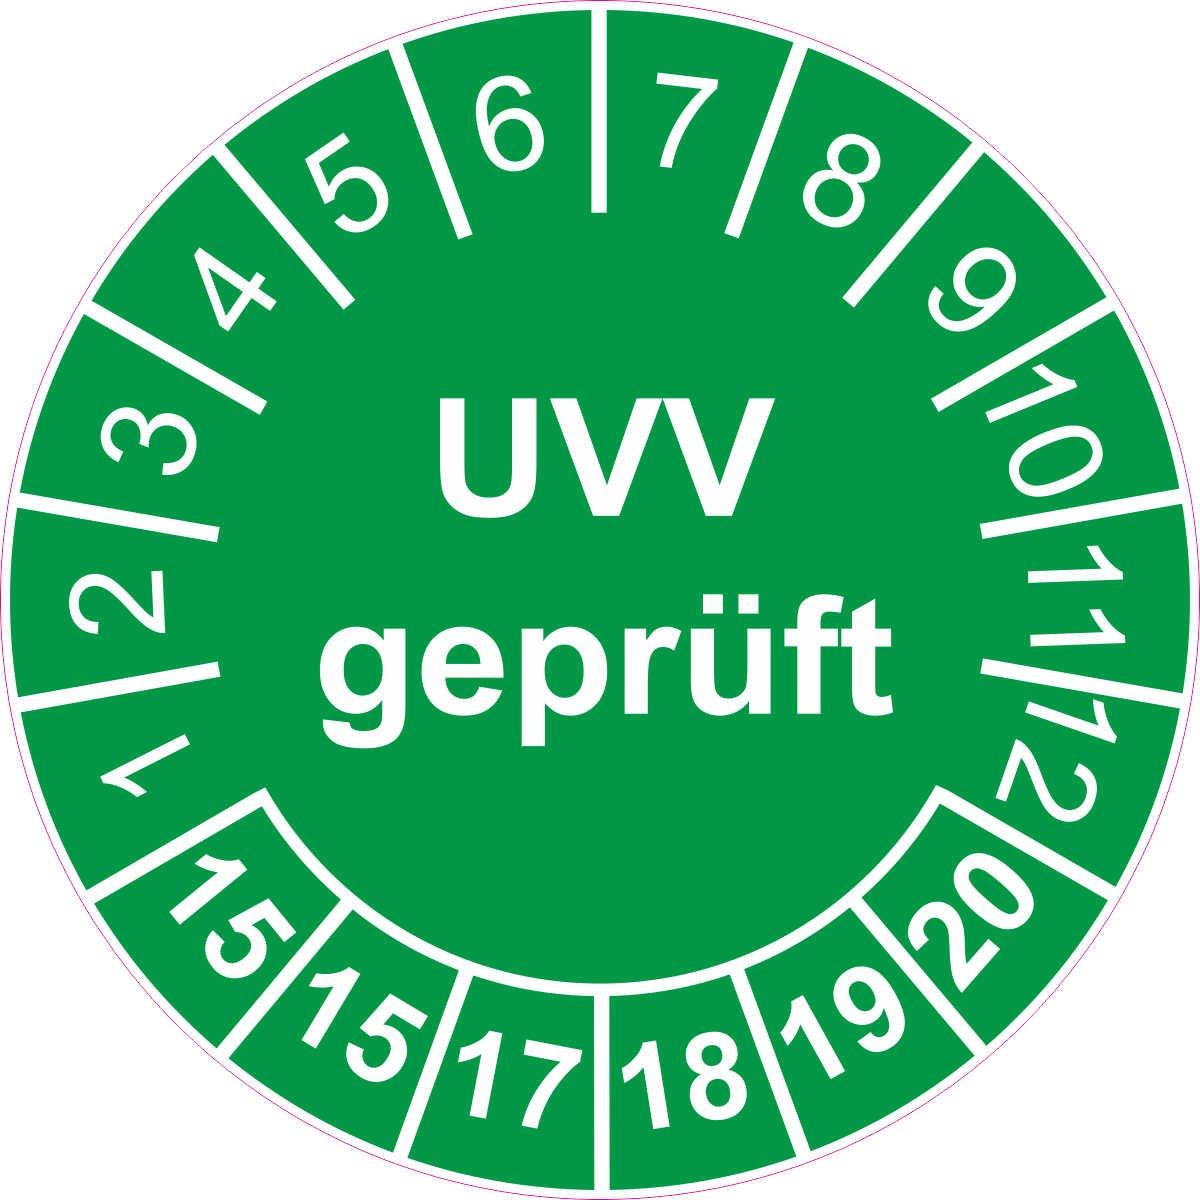 Prüfplakette / Prüfetikett / Prüfaufkleber 30 mm Durchmesser selbstklebend grün 50 Stück - UVV geprüft - 2015-2020